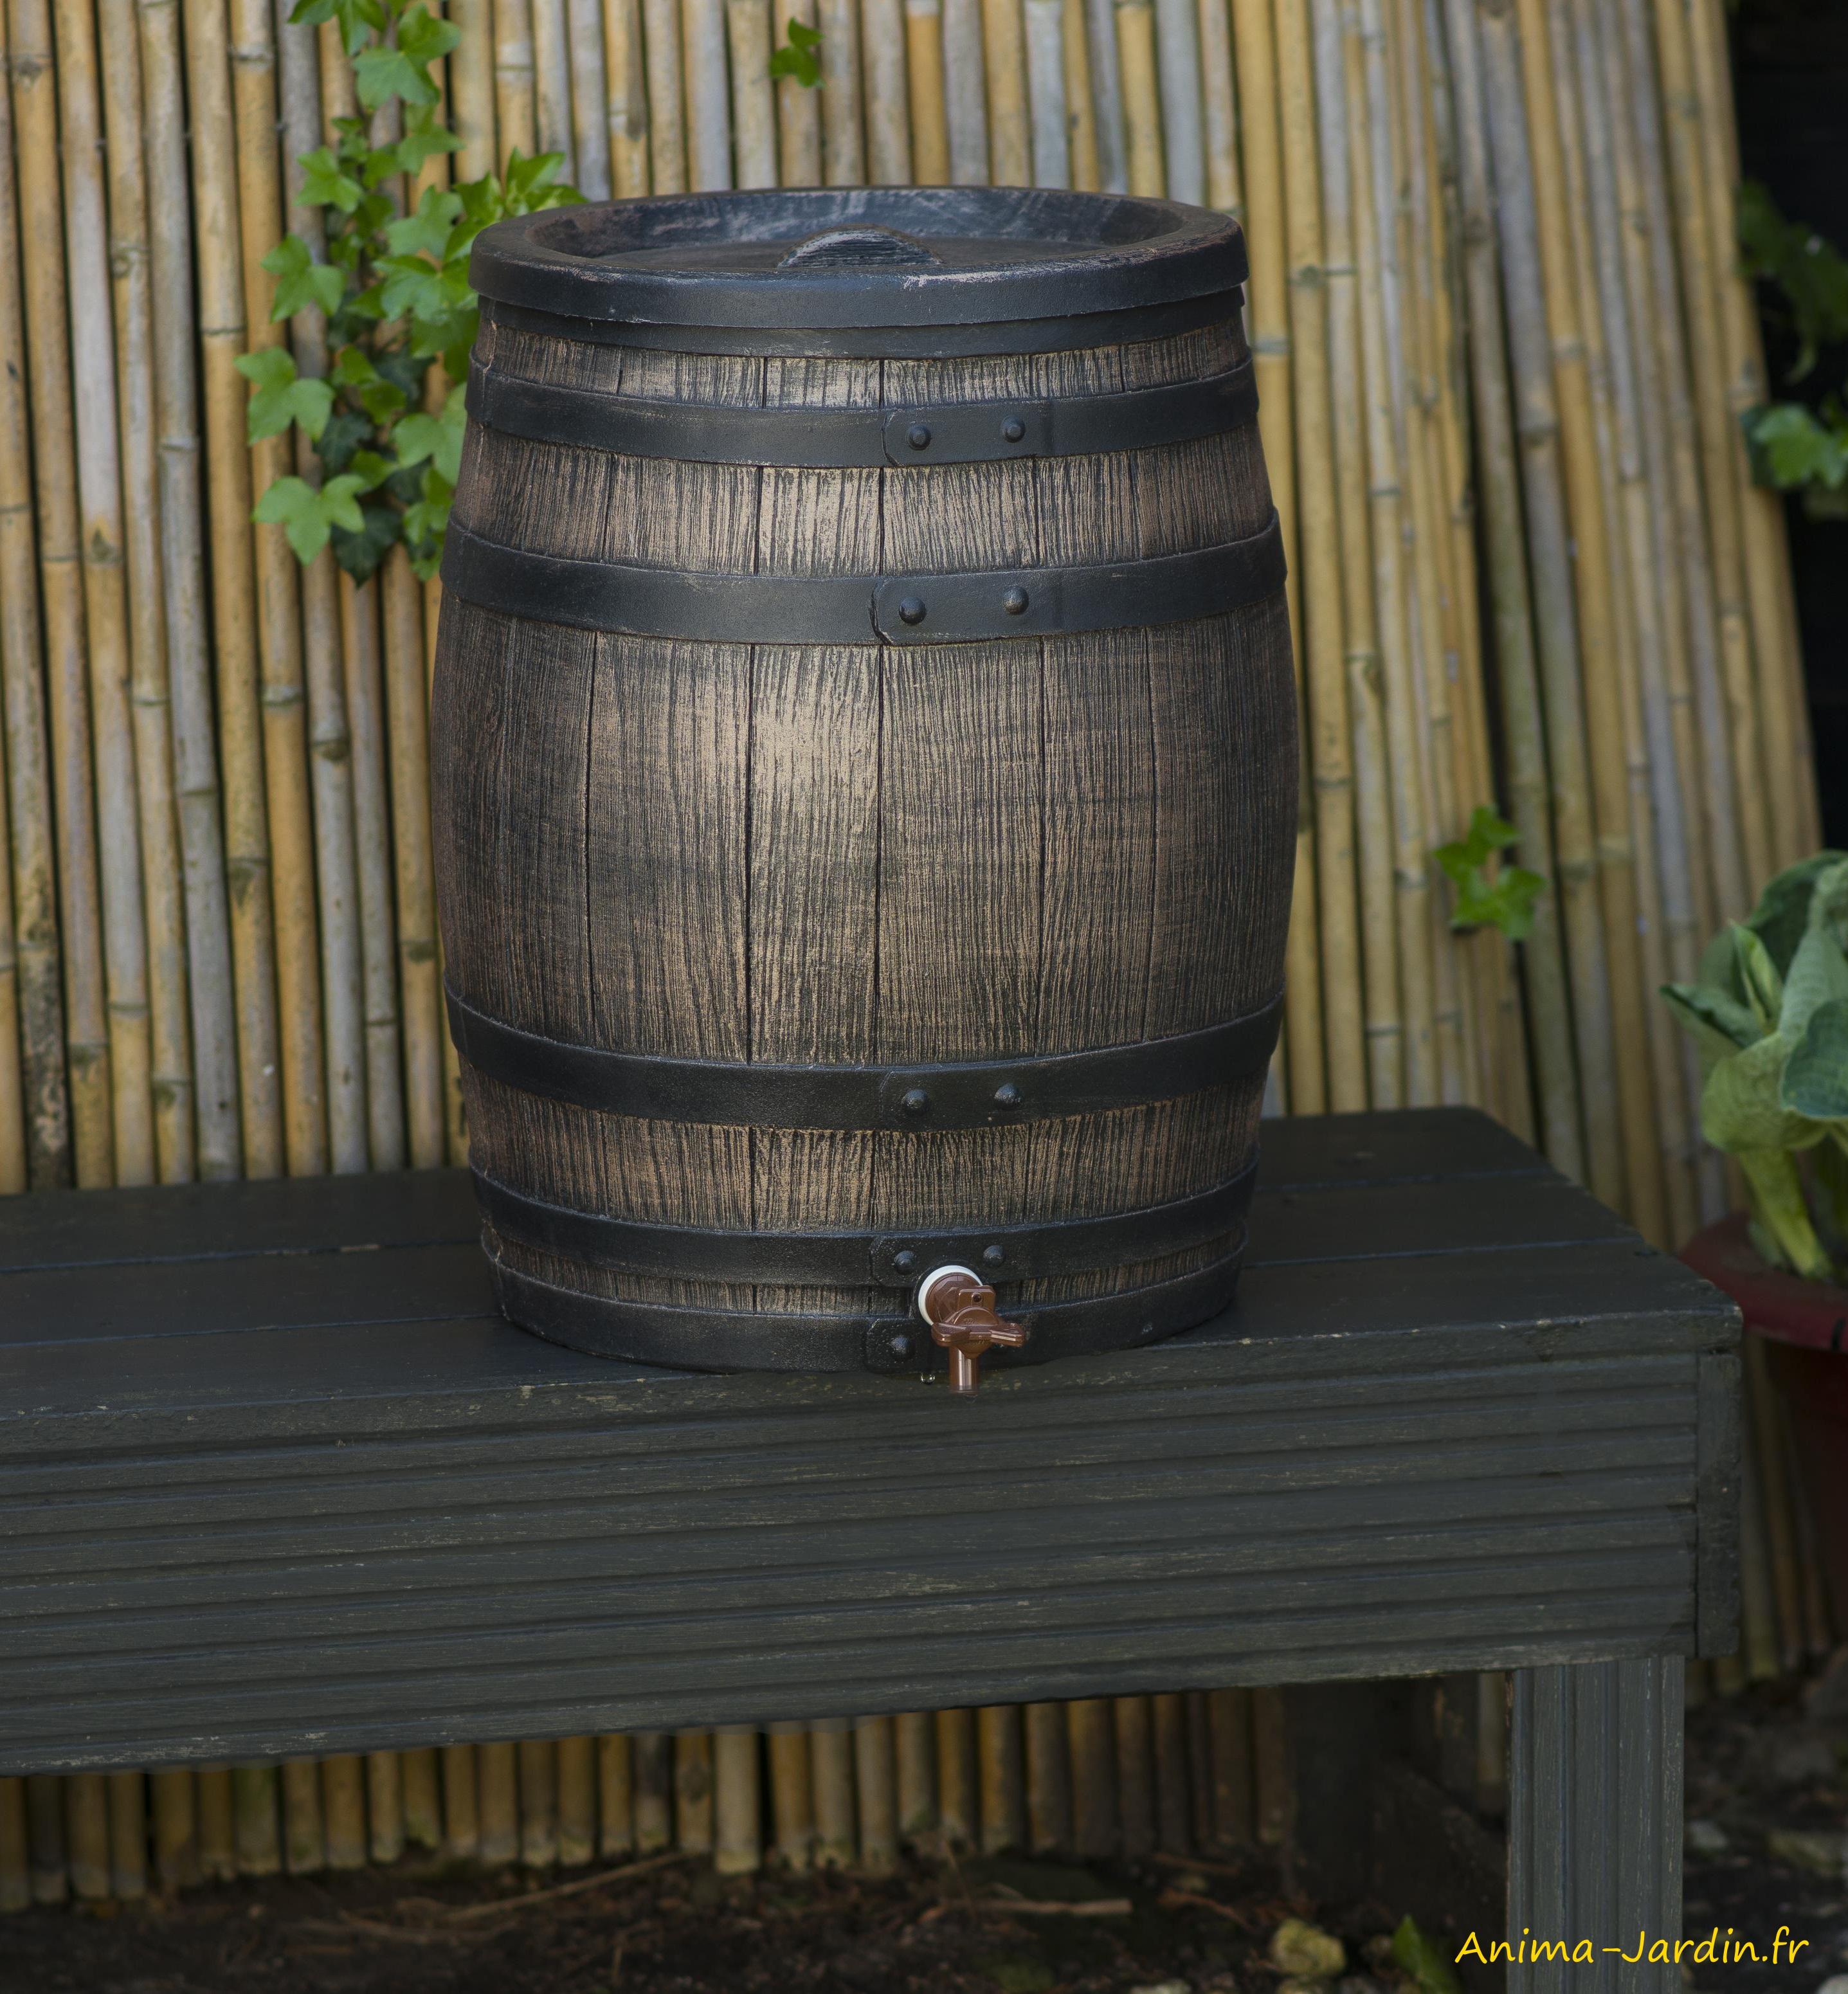 Récupérateur d'eau-imitation barrique-résine-Nature Jardin-Anima-Jardin.fr